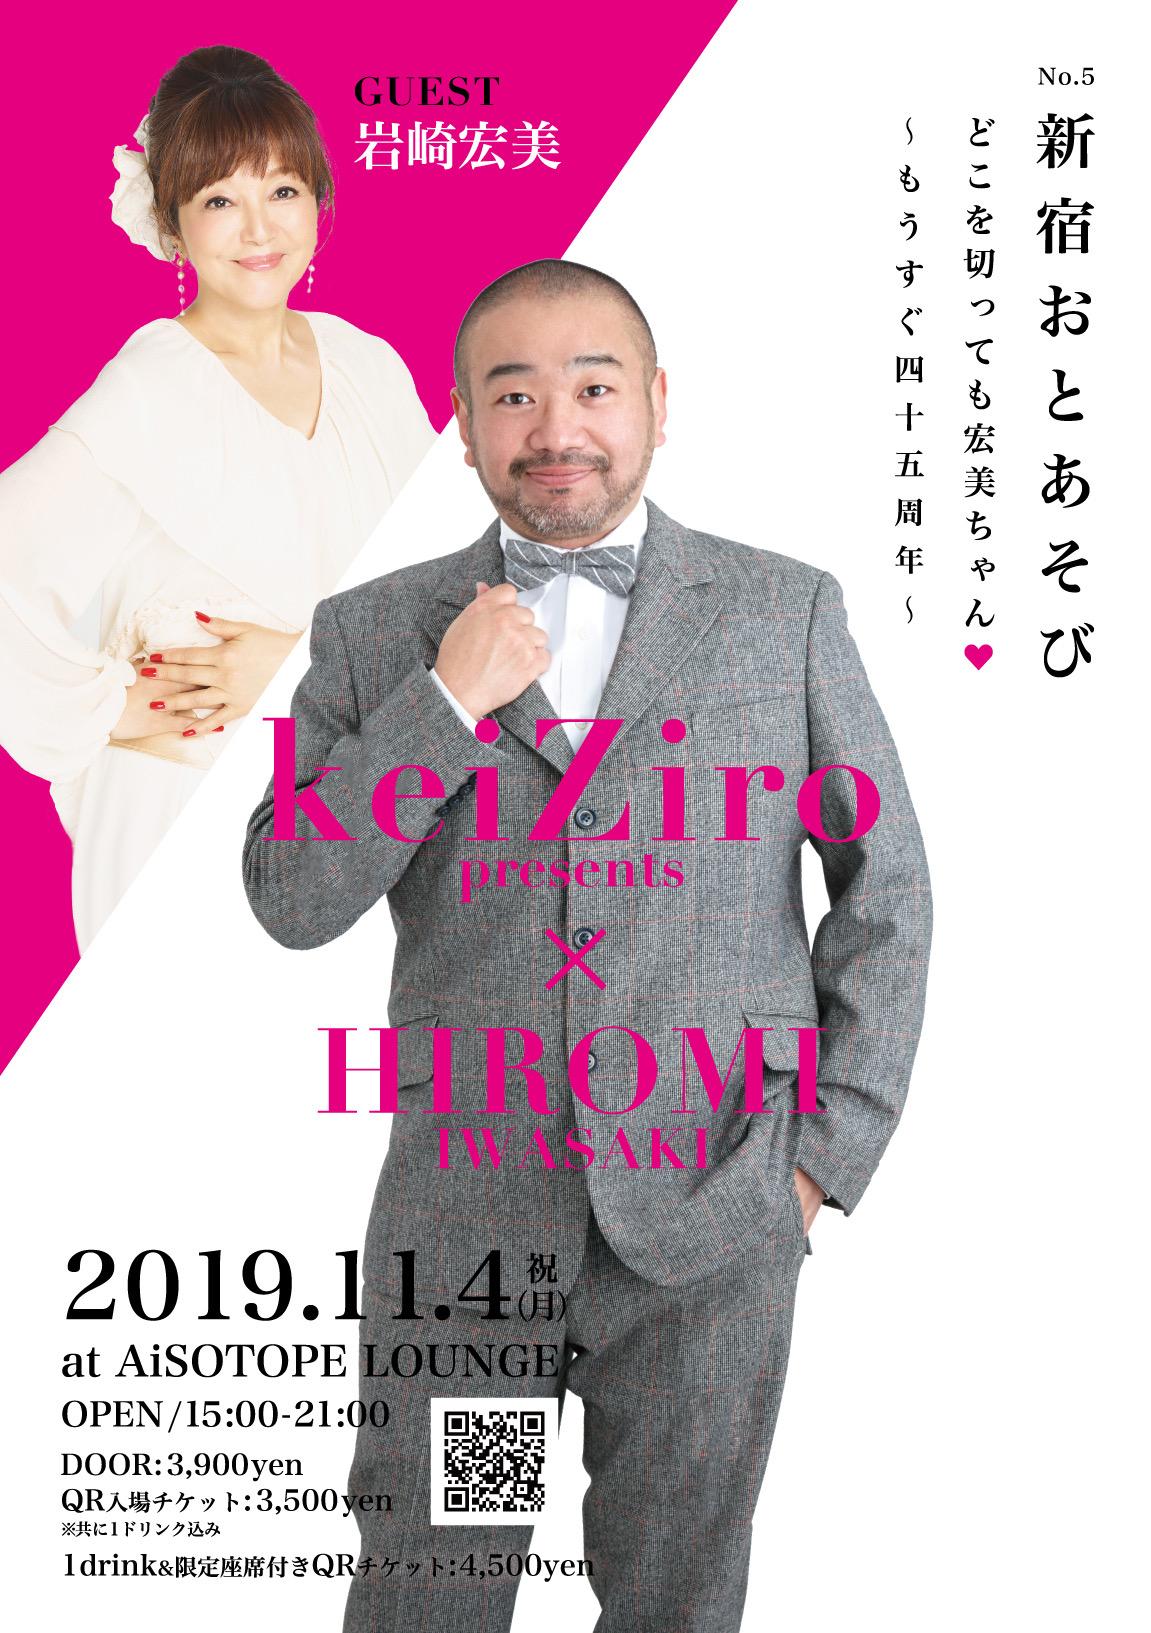 keiZiro presents 『新宿おとあそび No.5』どこを切っても宏美ちゃん♡ 〜もうすぐ45周年〜